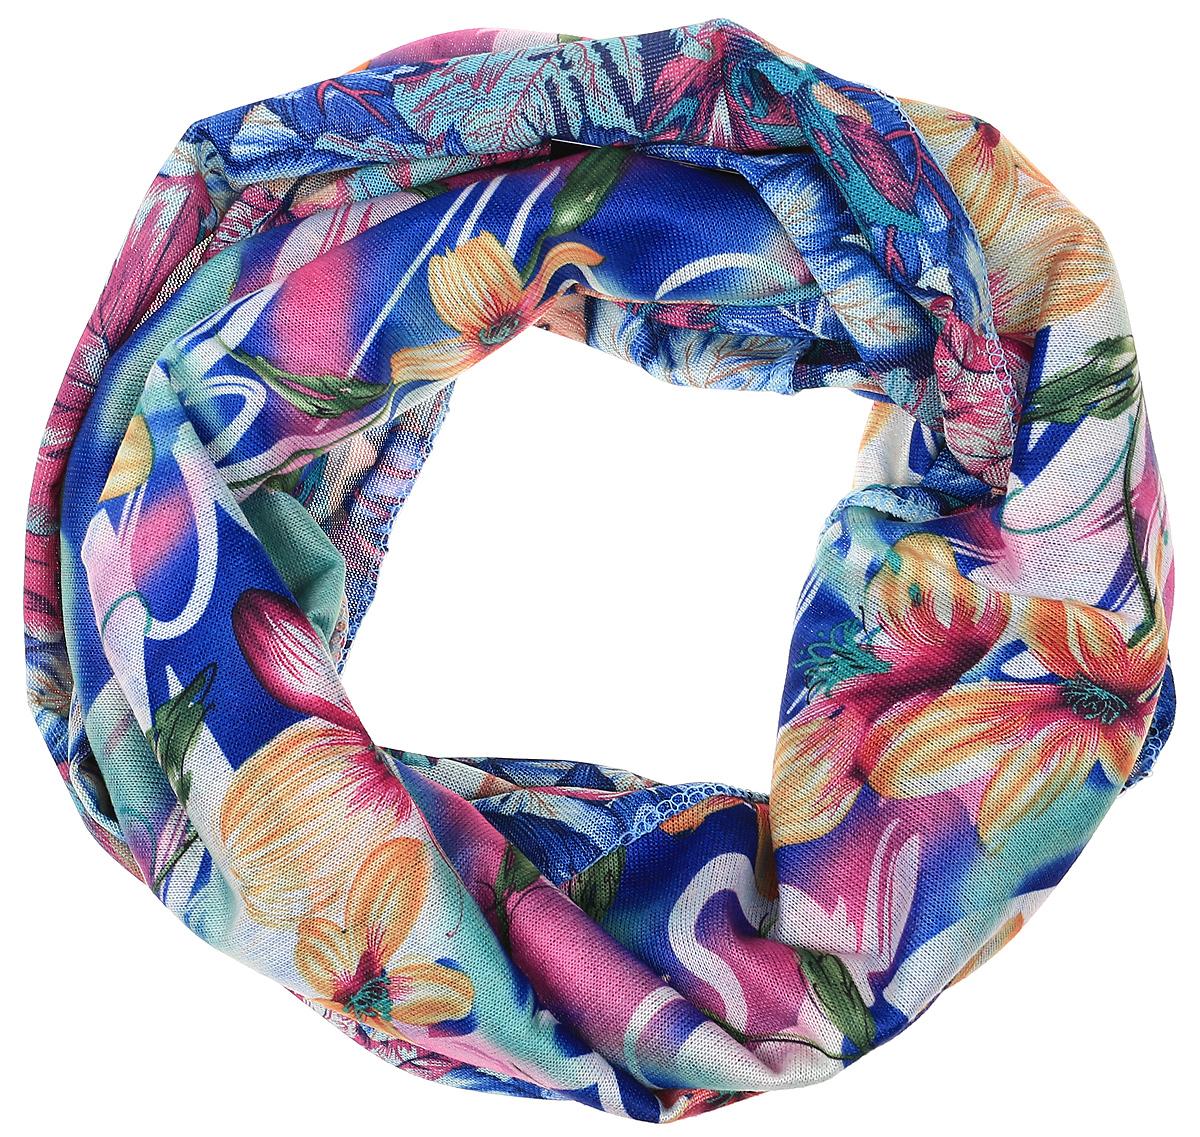 Снуд-хомут женский Vita Pelle, цвет: синий, оранжевый. Ro01R2359-A3795-1. Размер 45 см х 70 смRo01R2359-A3795-1Легкий снуд-хомут от Vita Pelle выполнен из двустороннего трикотажного полотна и оформлен цветочным принтом. Кромка обработана оверлоком.